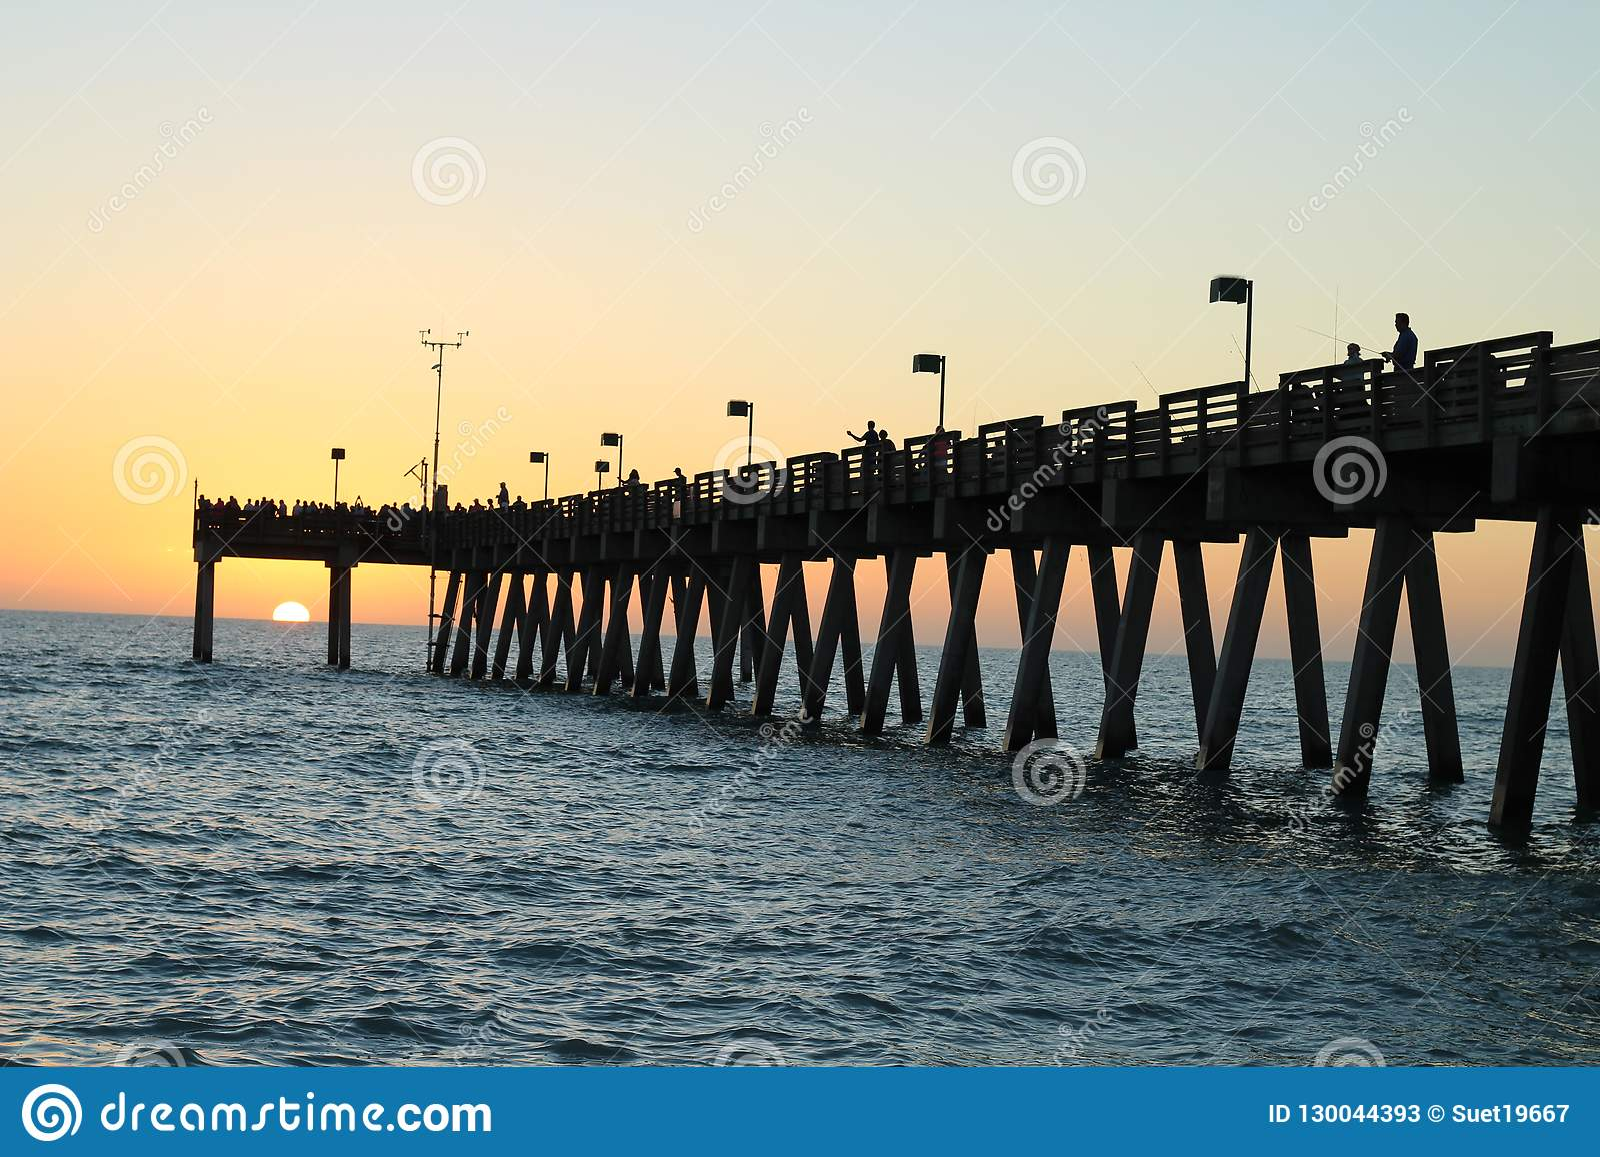 钓鱼在墨西哥湾的码头日落的